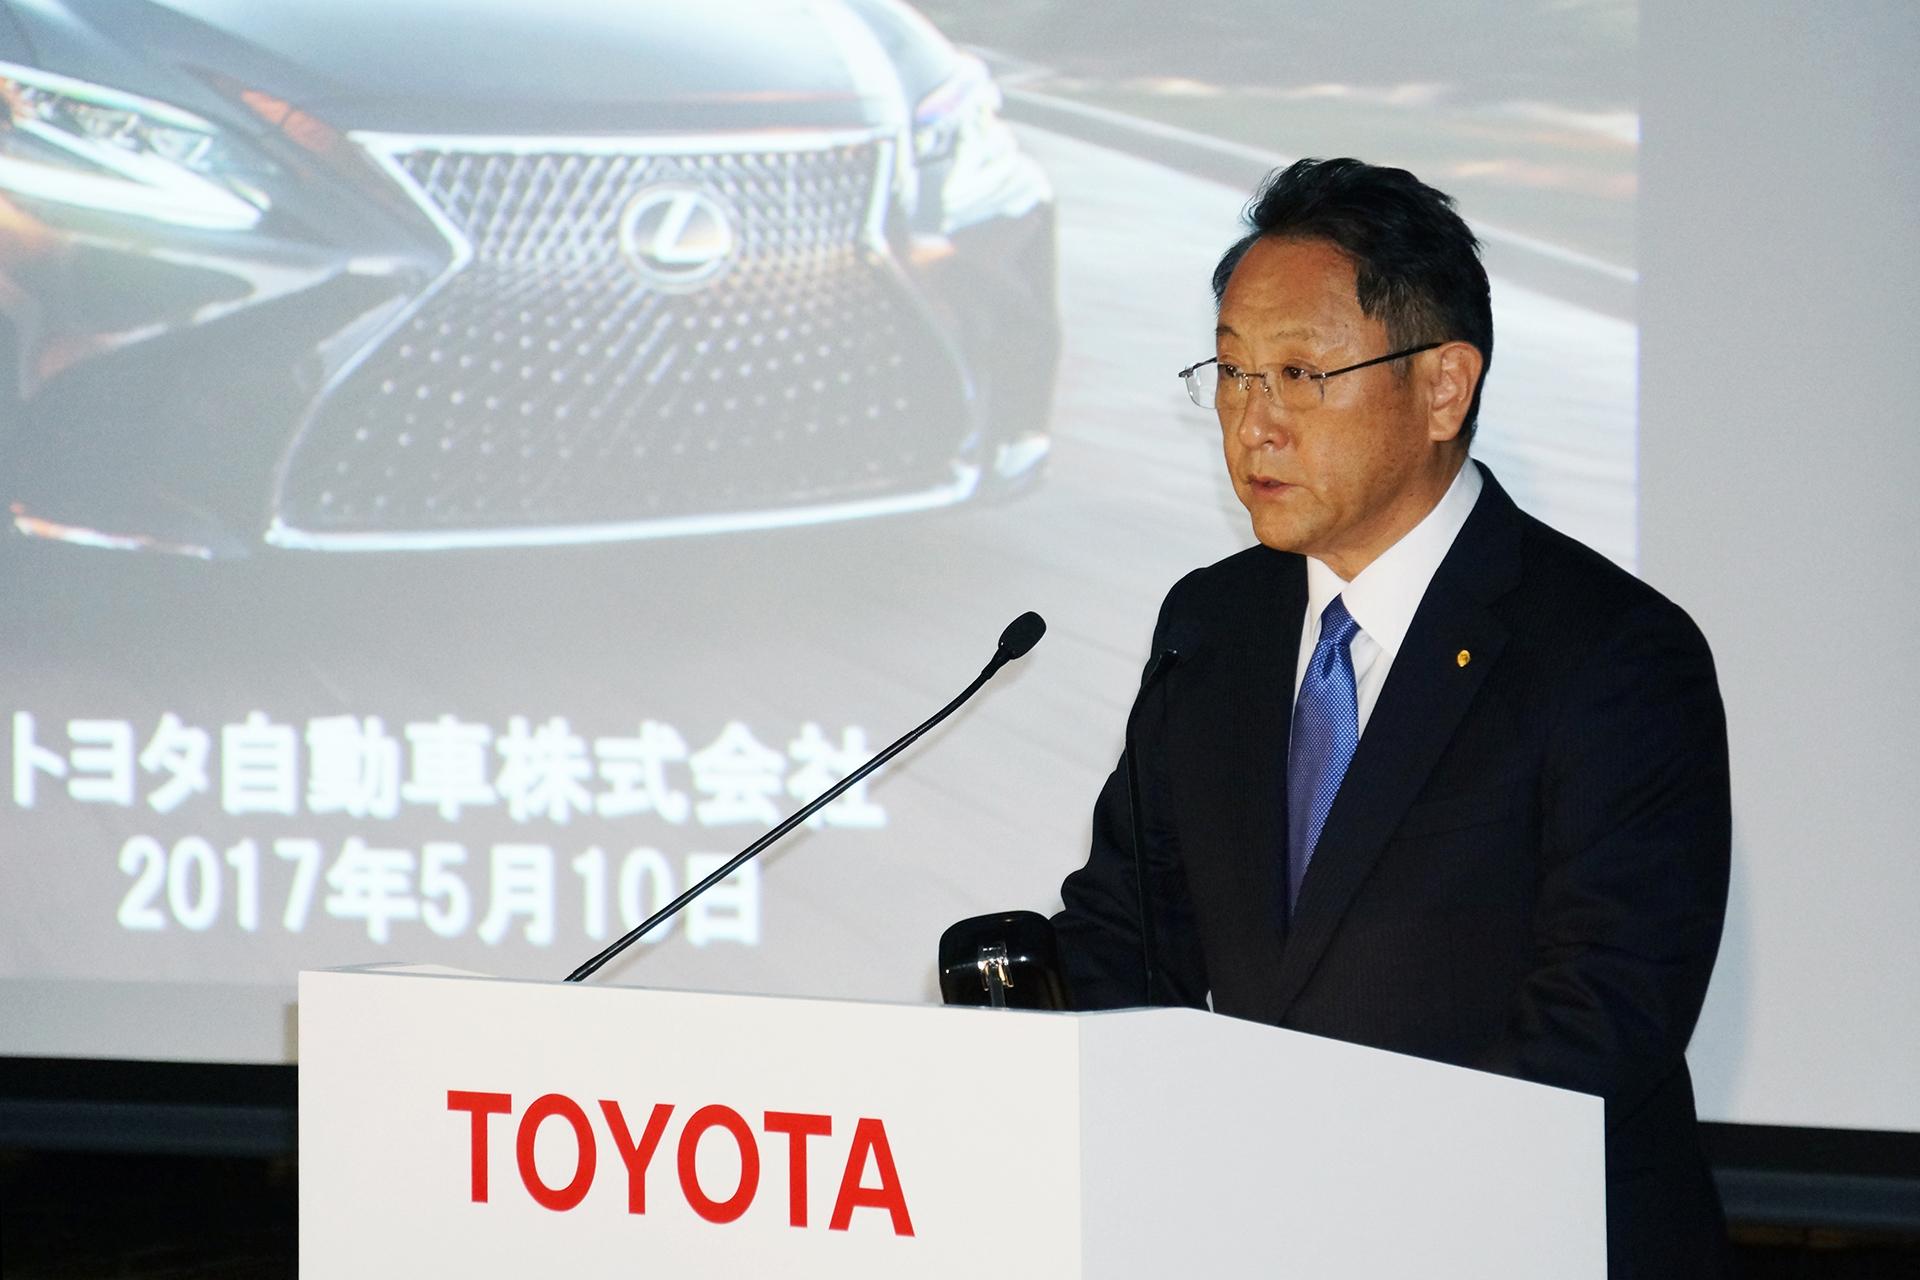 激震!!「トヨタ、国内販売車種半減」は本当か? 整理車種は??